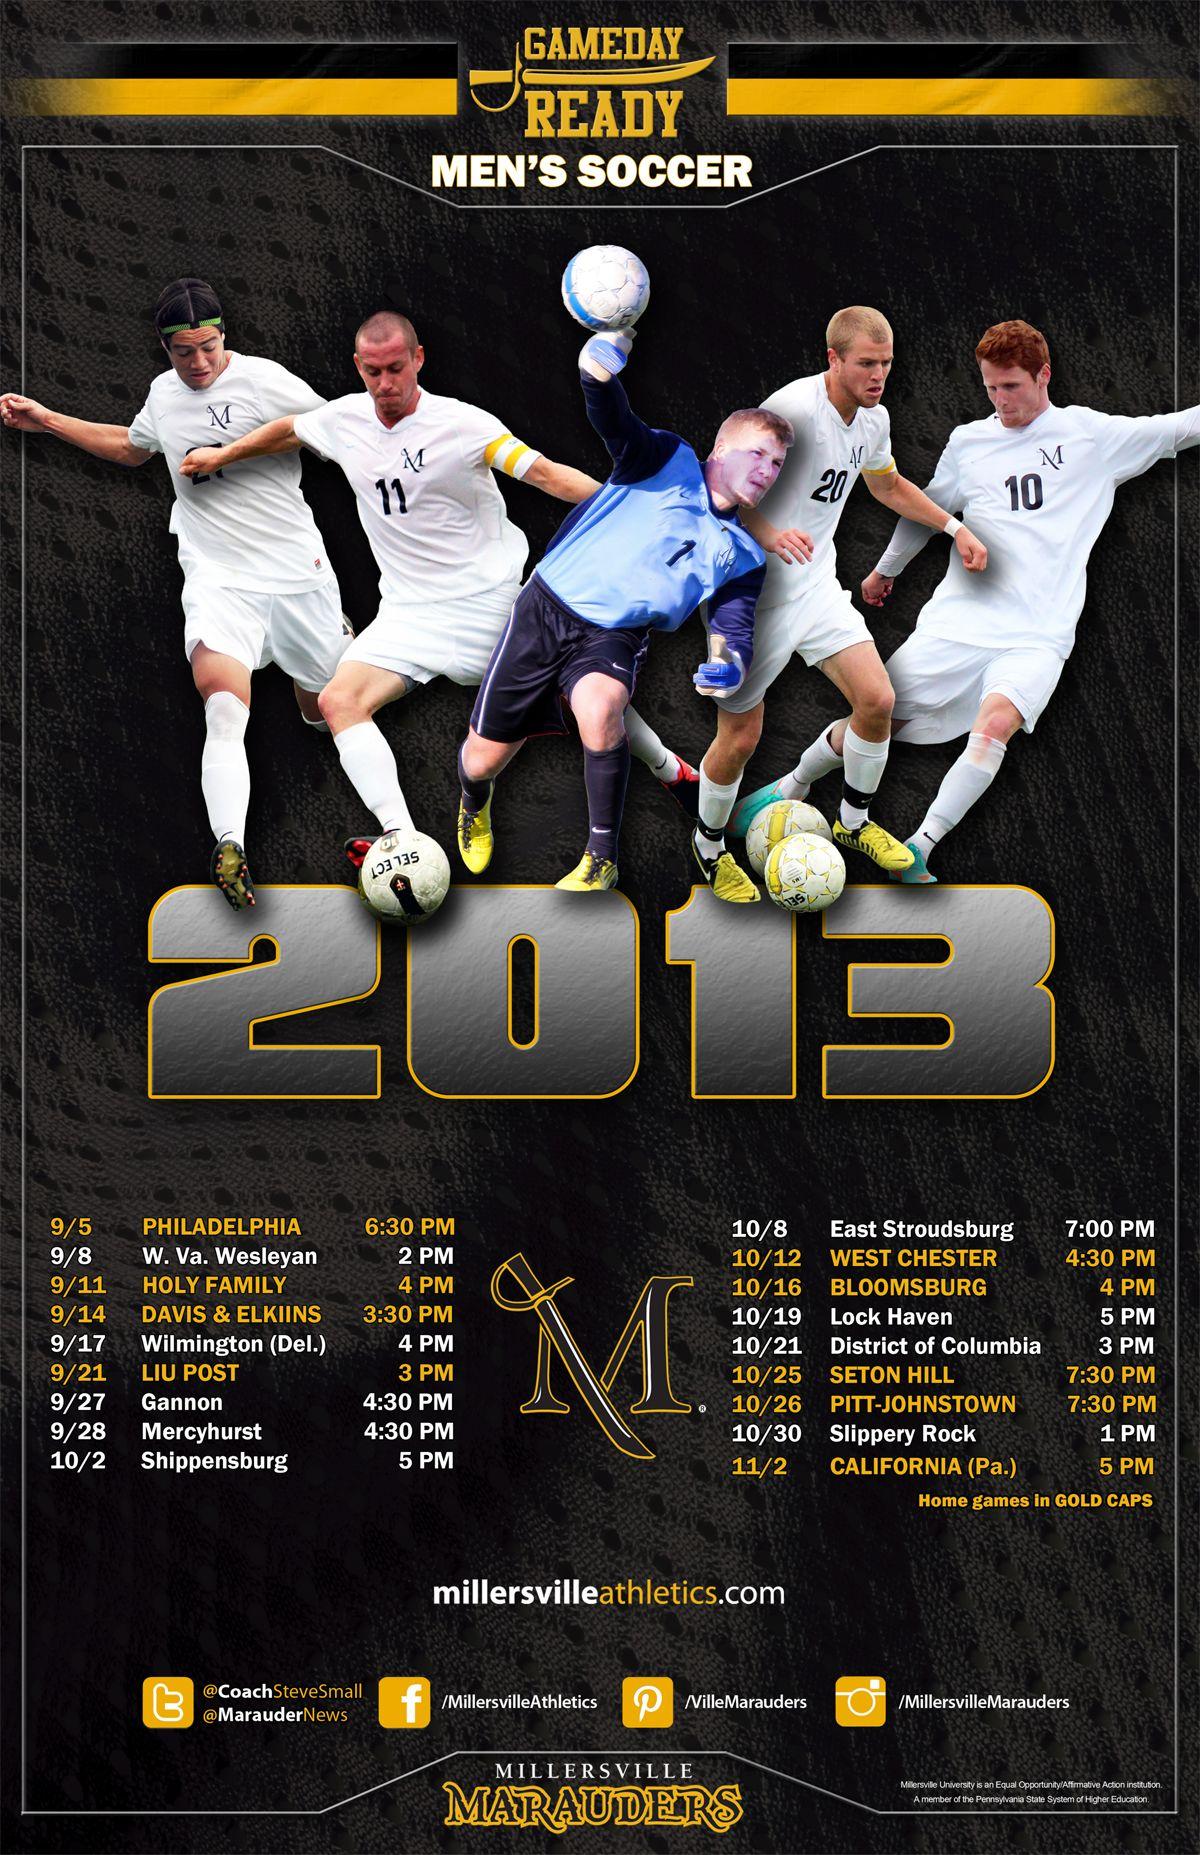 The Men S Soccer Team 2013 Team Poster Men S Soccer Teams Mens Soccer Gameday Ready